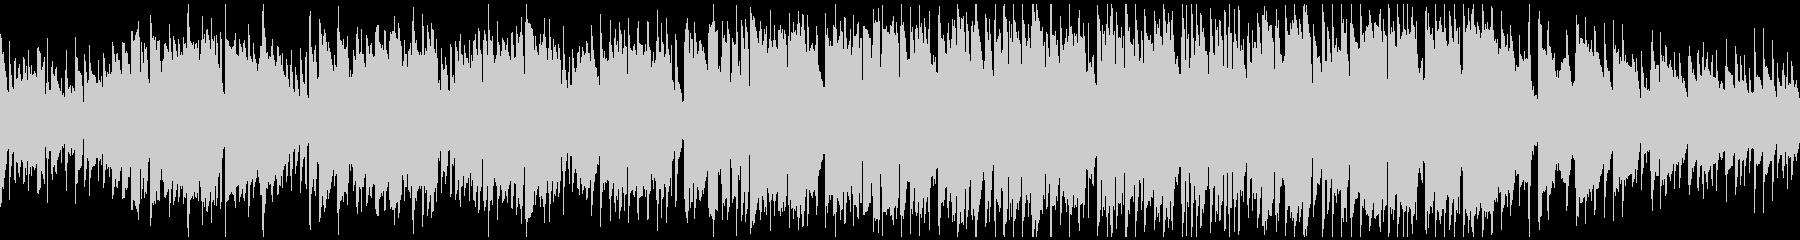 クラリネット生演奏のポップス ※ループ版の未再生の波形